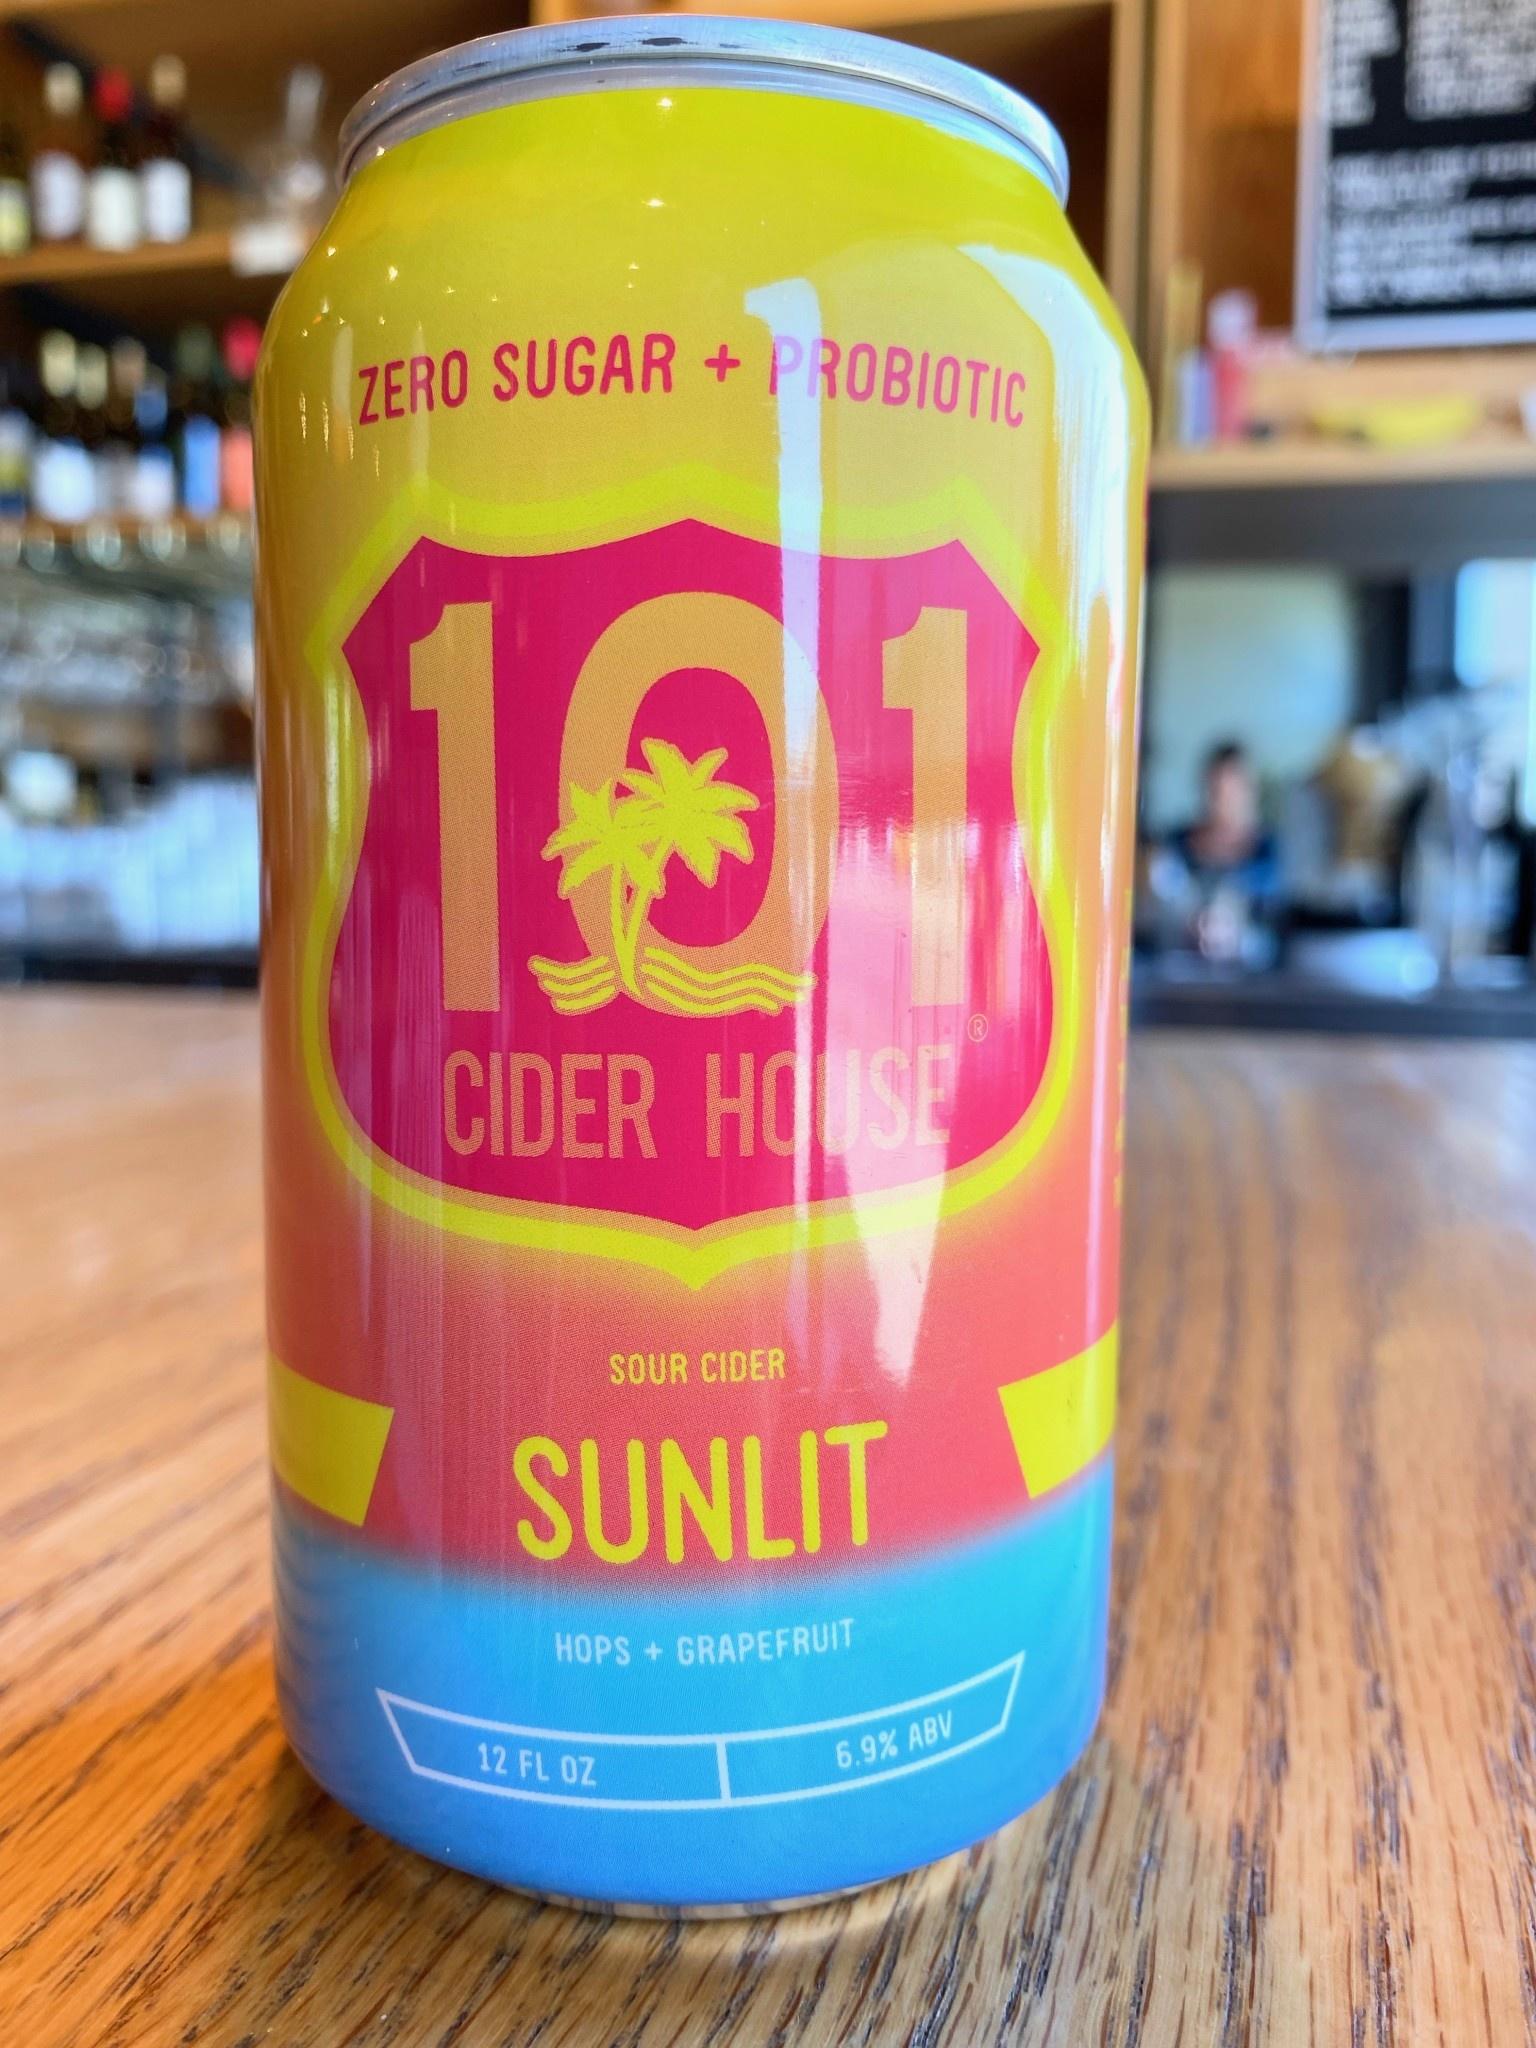 Cider House 101 Cider House 101 Sunlit Sour Cider 12oz